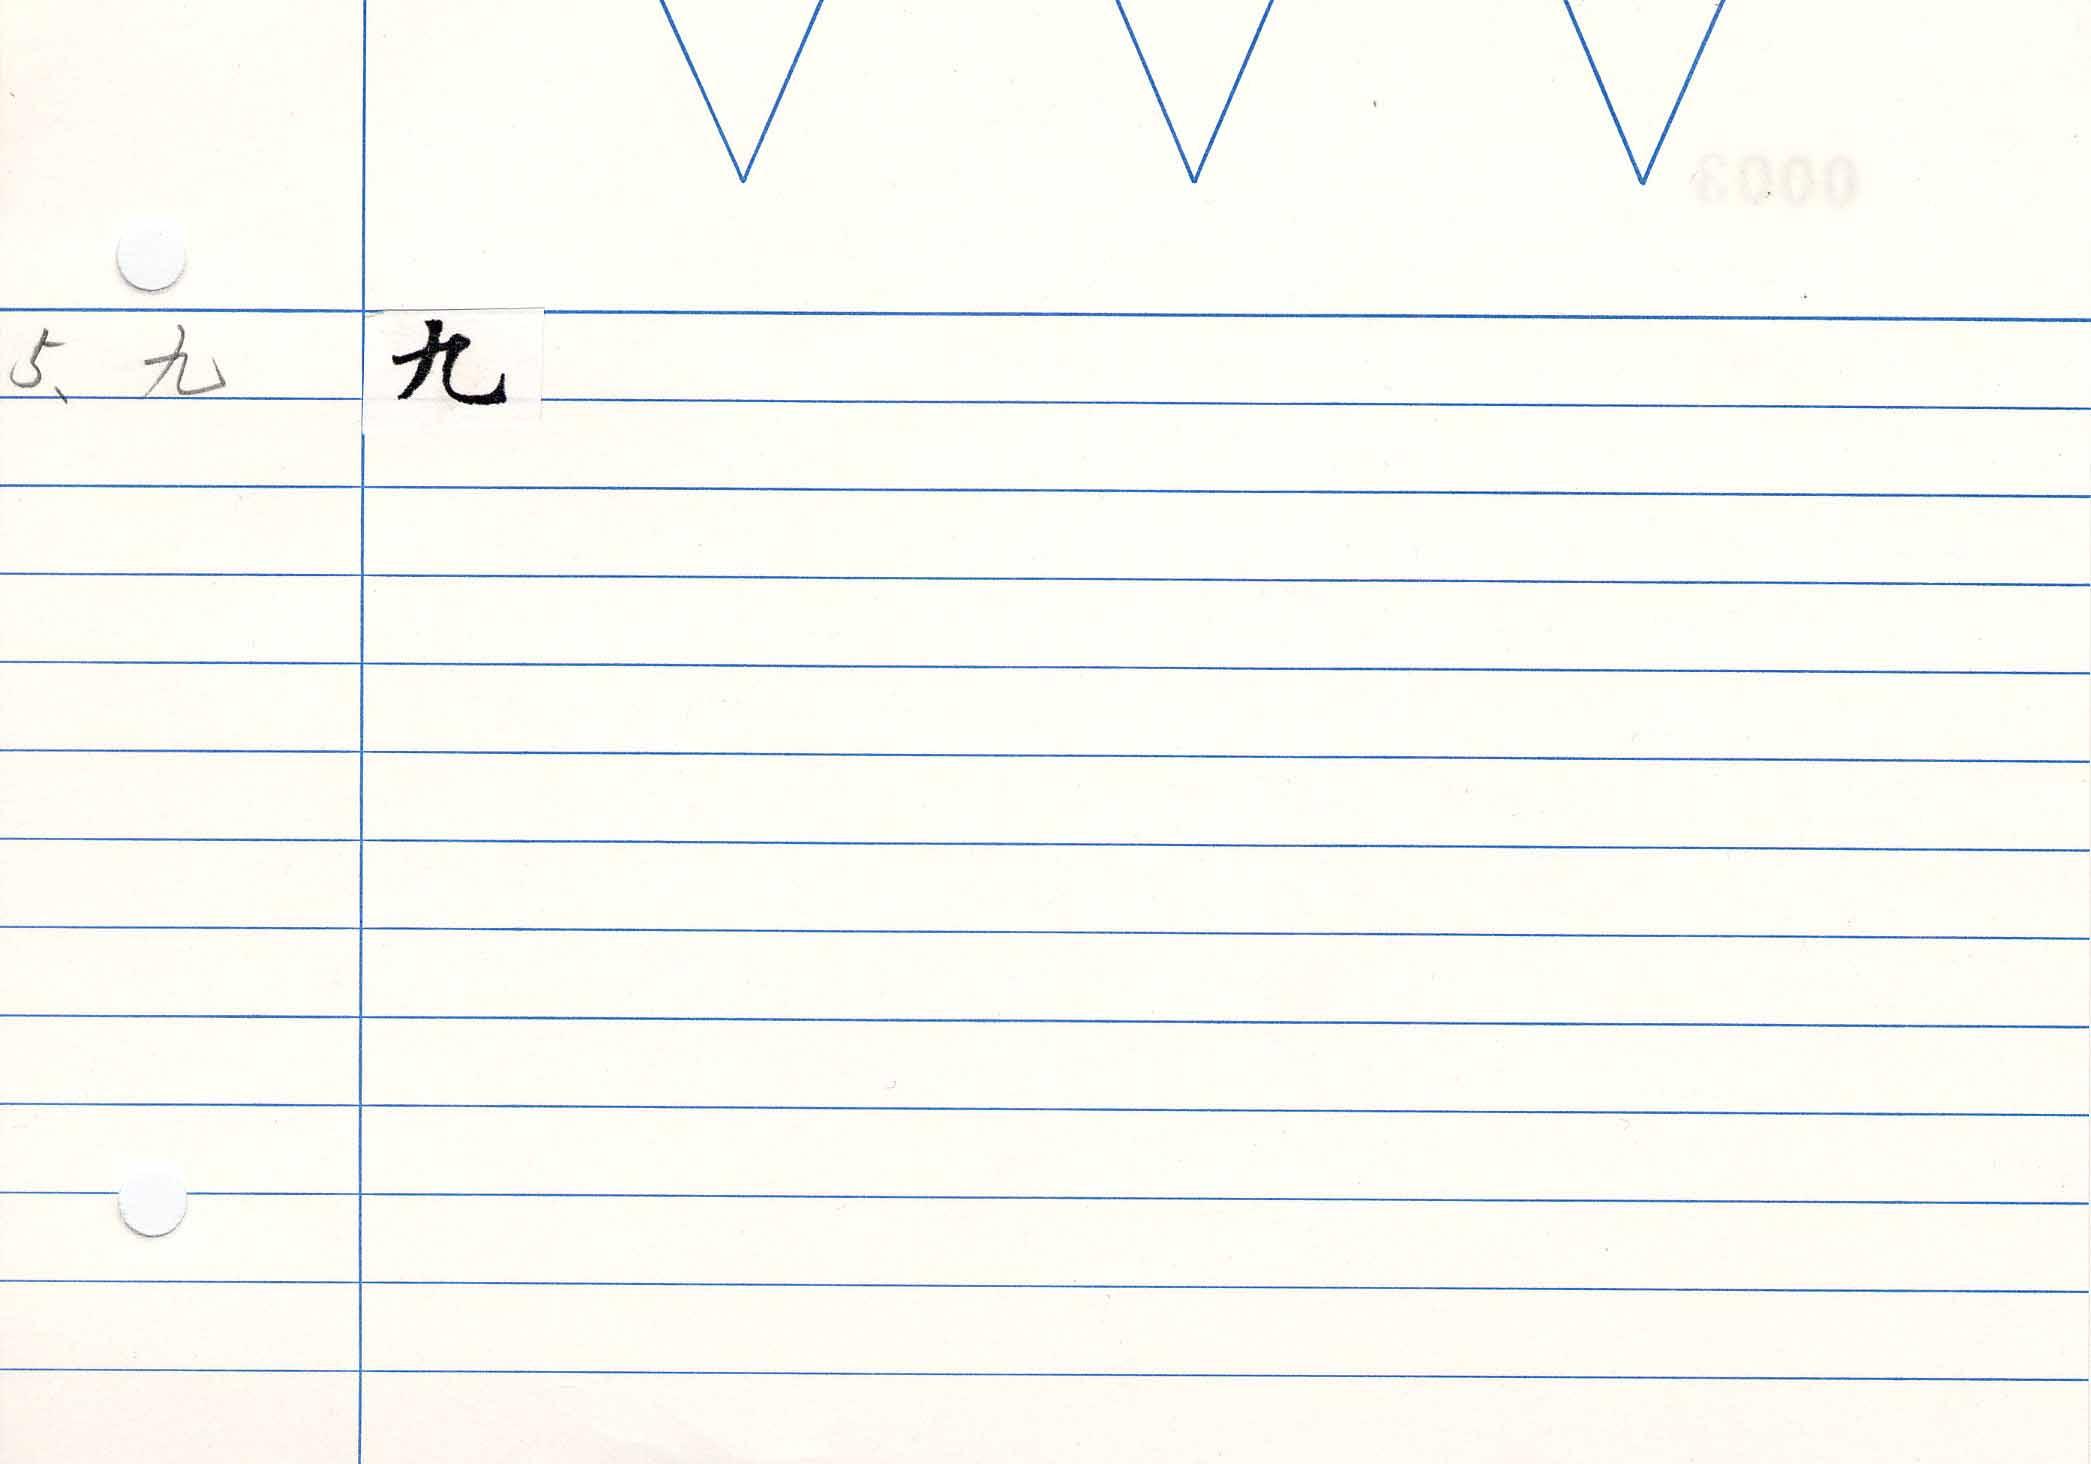 13_妙法蓮華經卷八(S.2577)/cards/0003.jpg